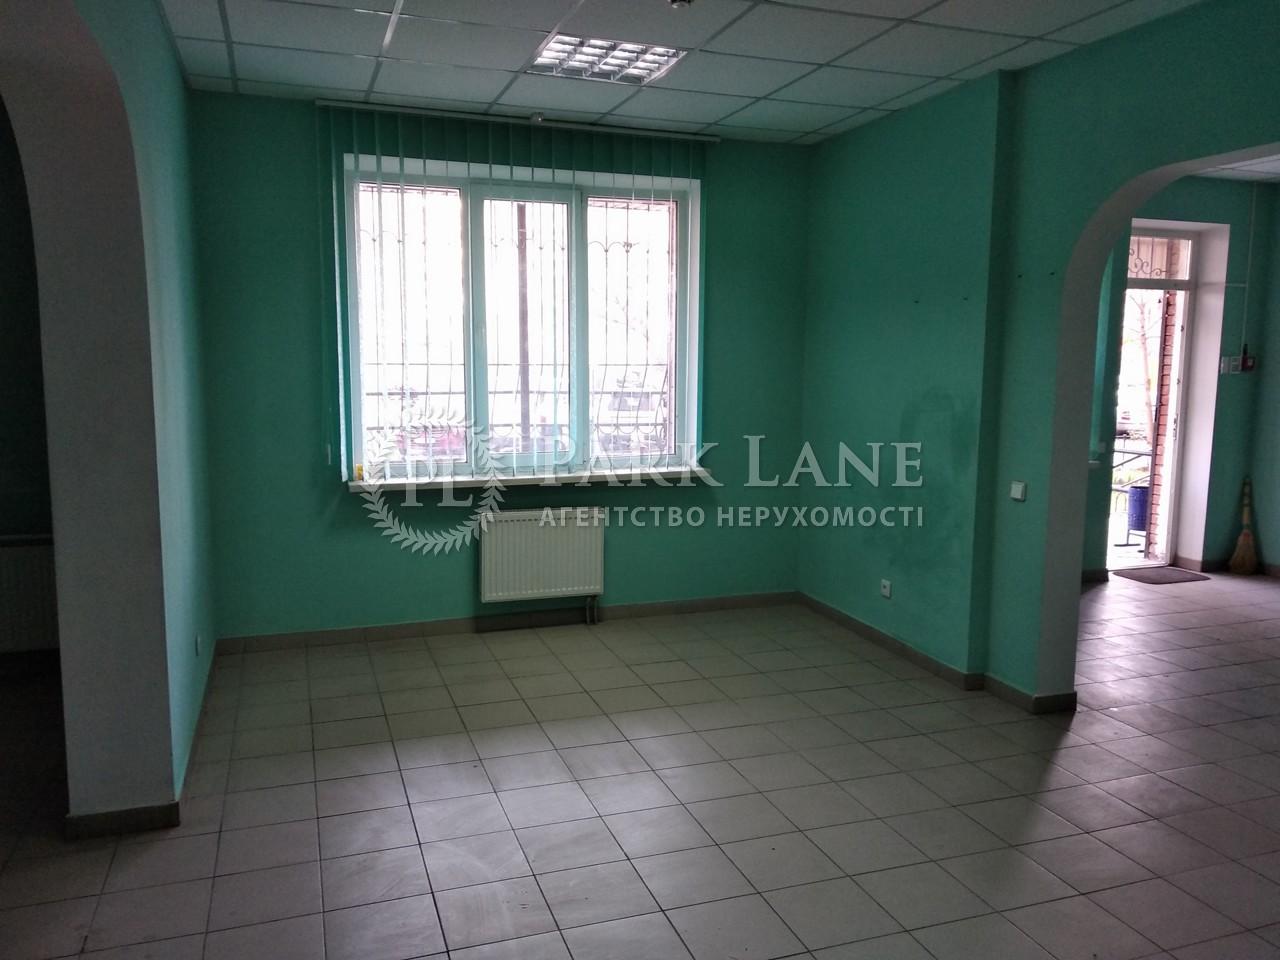 Нежилое помещение, Харьковское шоссе, Киев, Z-1489291 - Фото 6